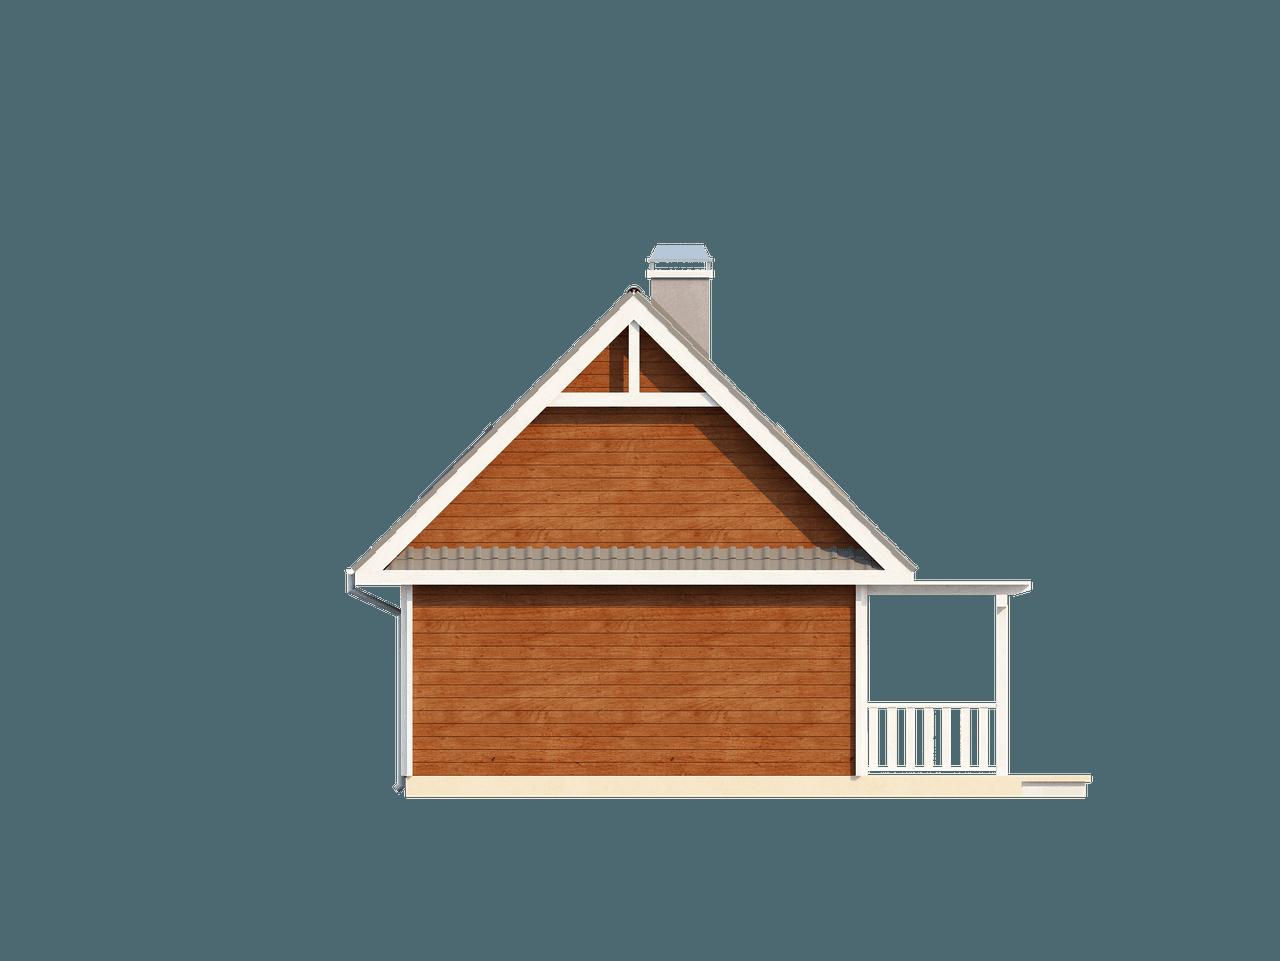 Gotowy projekt domu Z39 - Mały, przytulny dom z poddaszem, werandą od frontu, przekryty dachem dwuspadowym